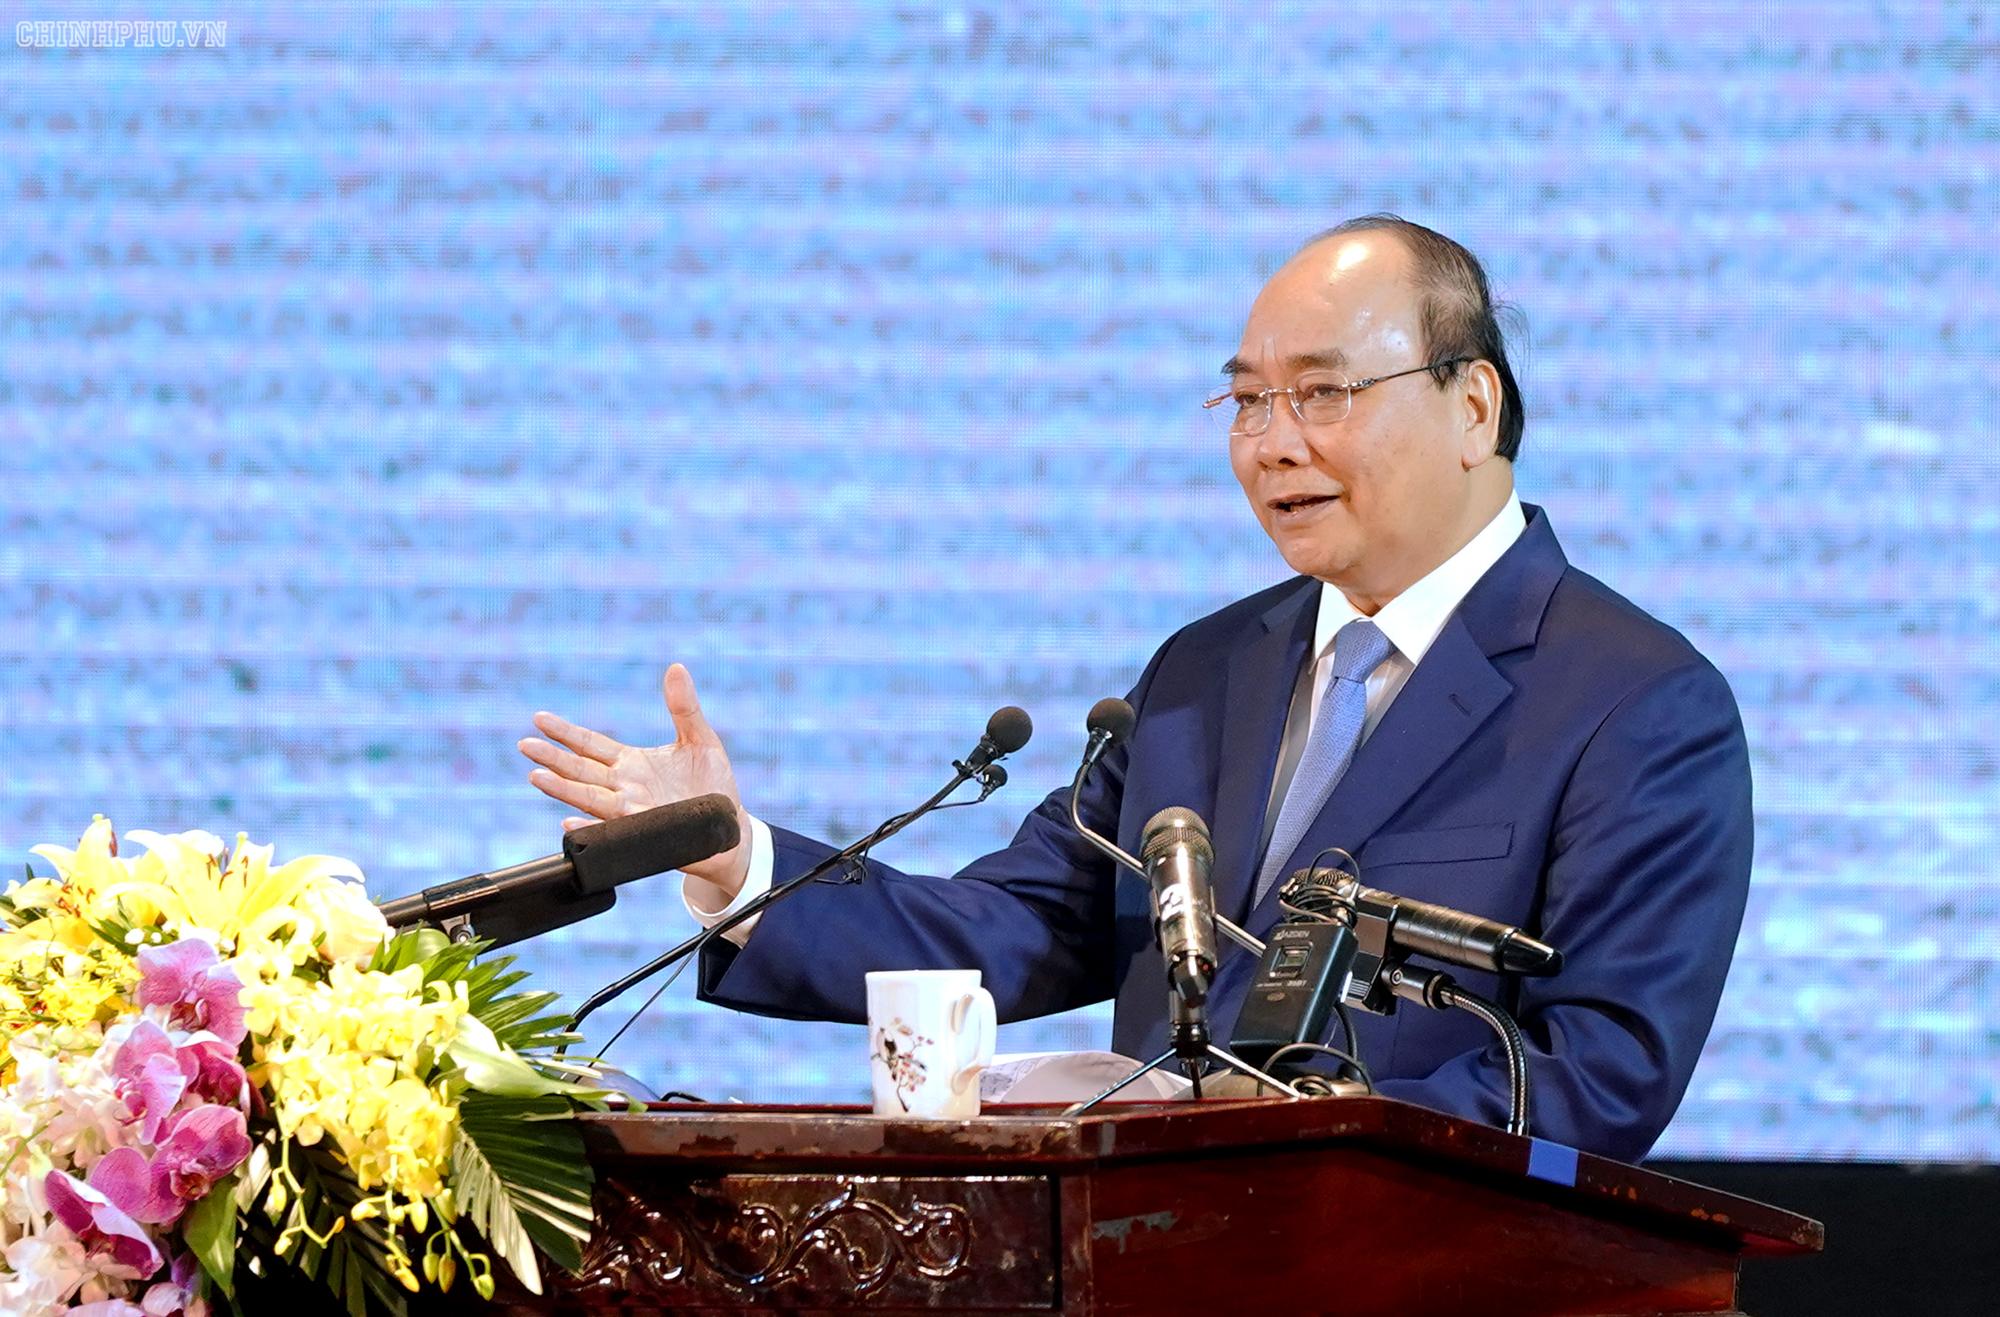 Thủ tướng: Phải mạnh dạn, quyết tâm, dám đặt mục tiêu cao hơn